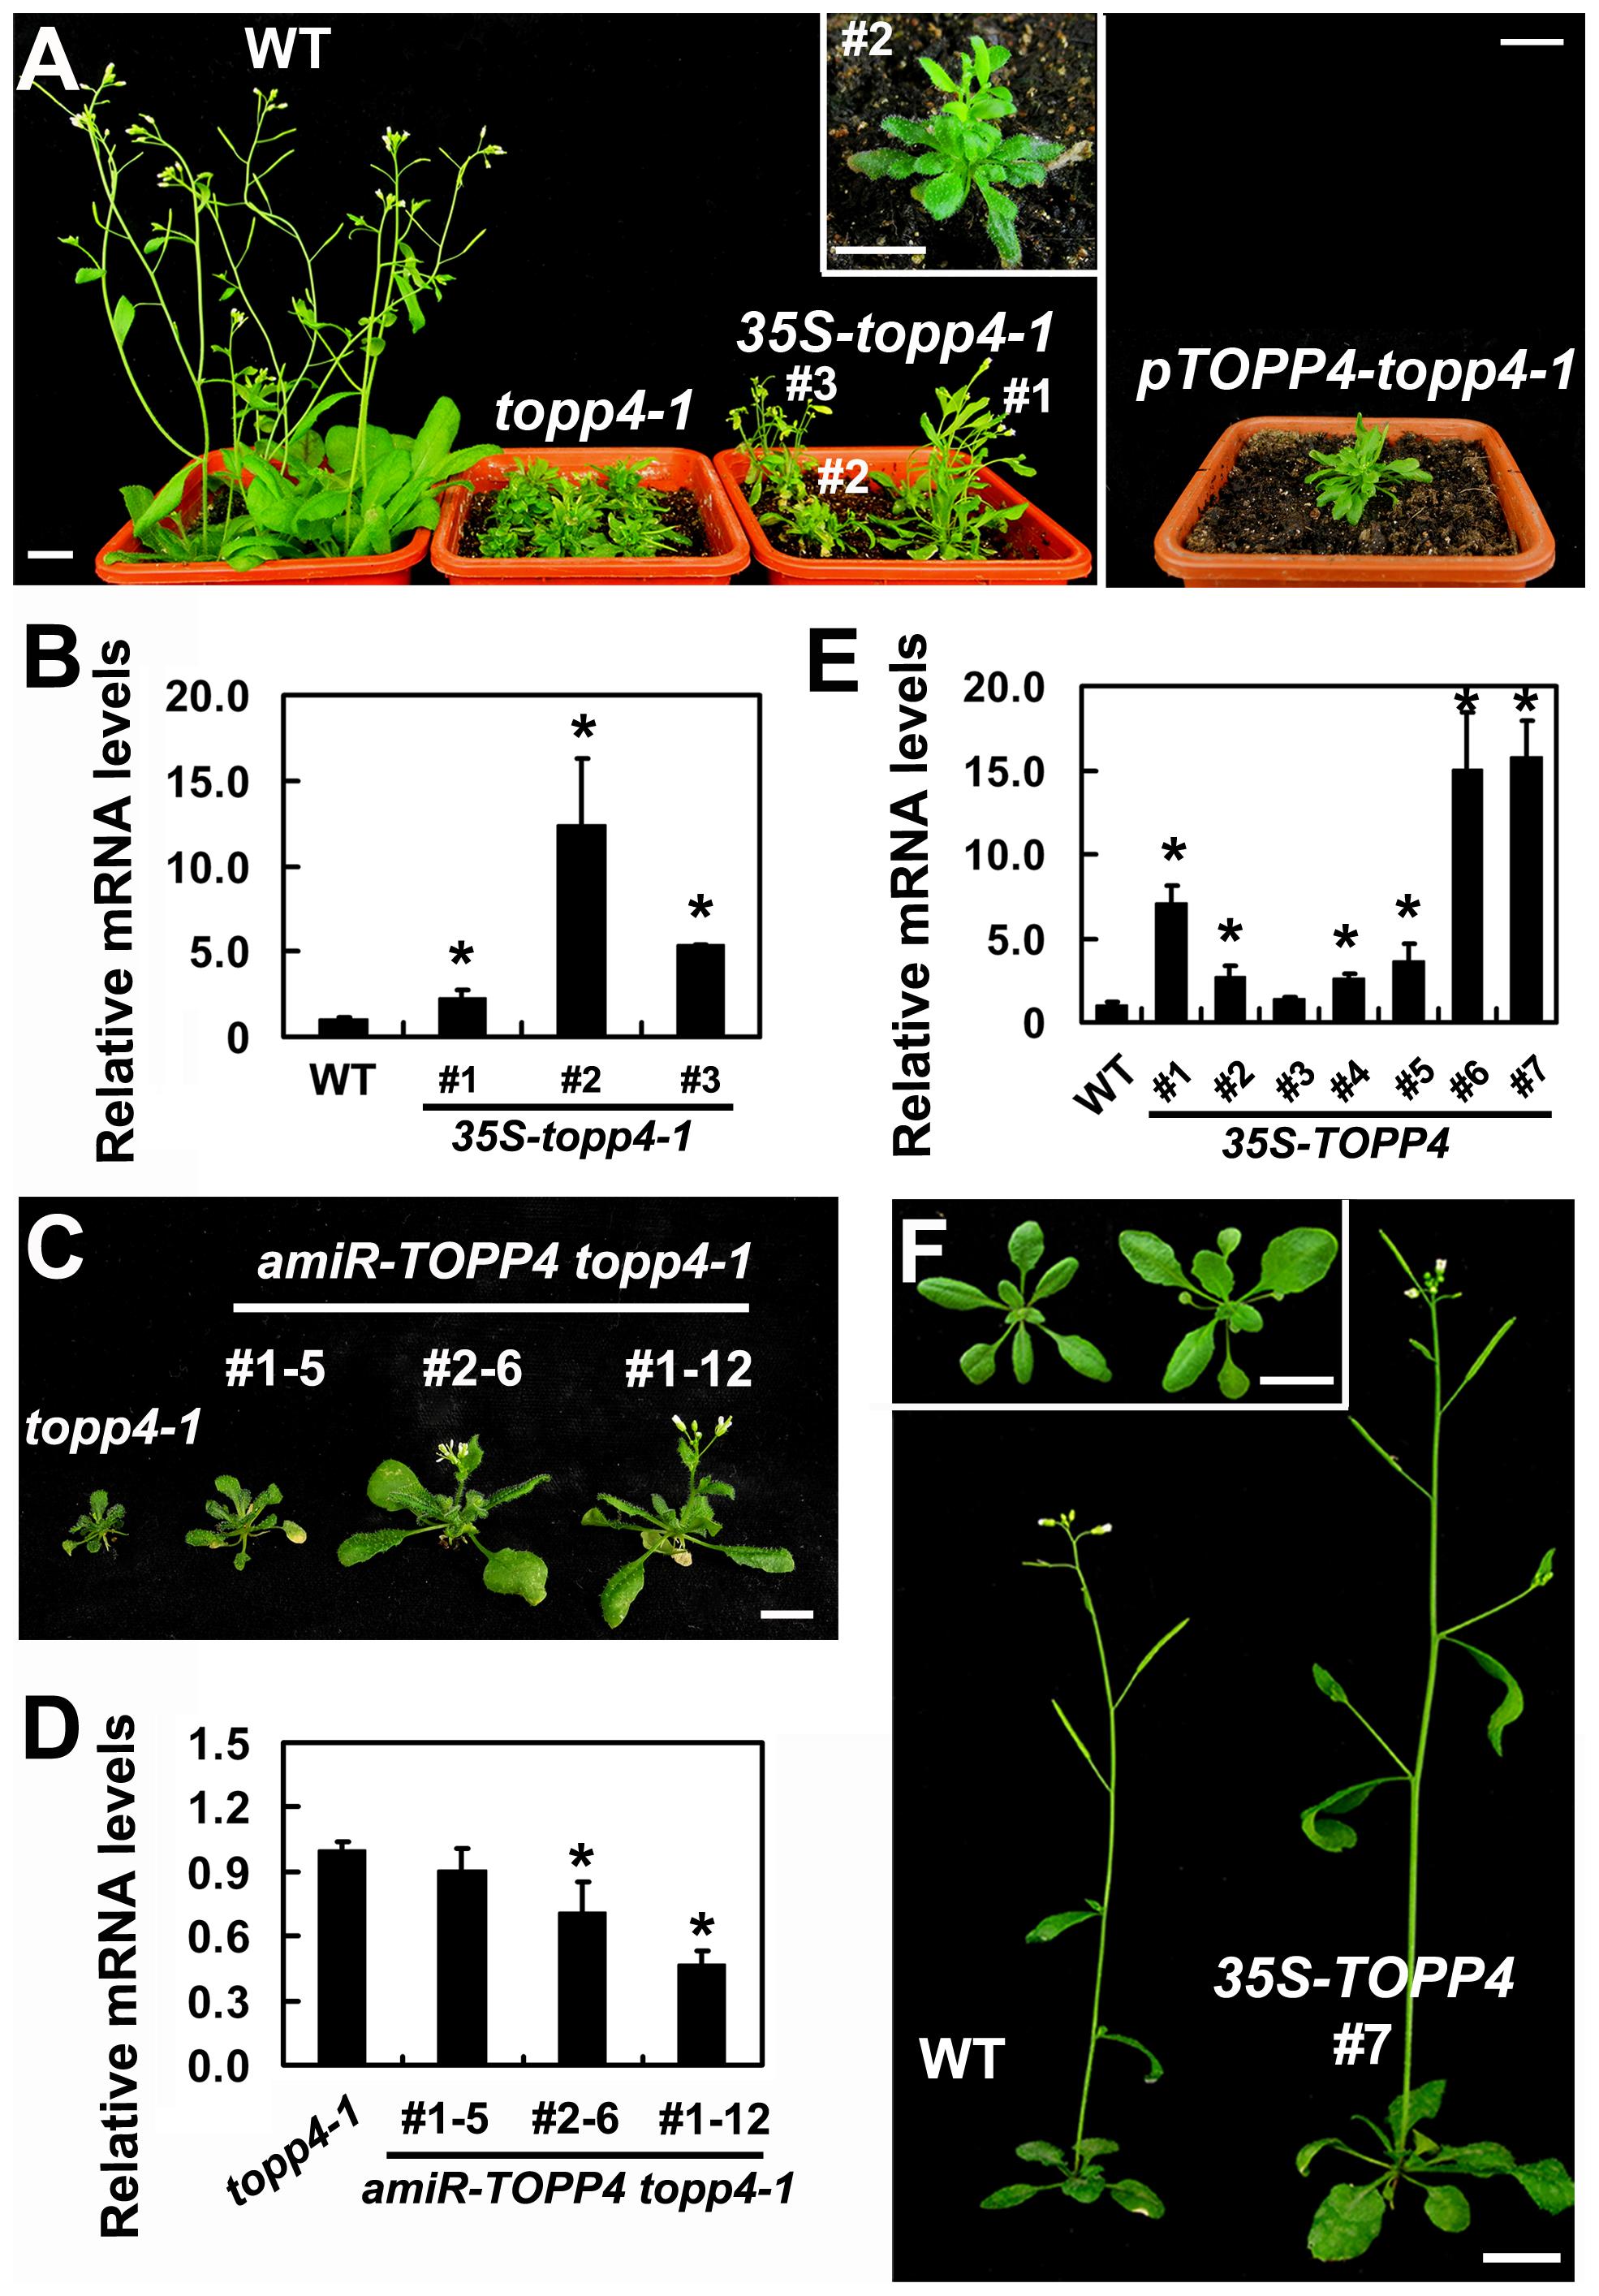 Expression of <i>35S-topp4-1</i>, <i>pTOPP4-topp4-1</i>, or <i>35S-TOPP4</i> in wild-type plants.